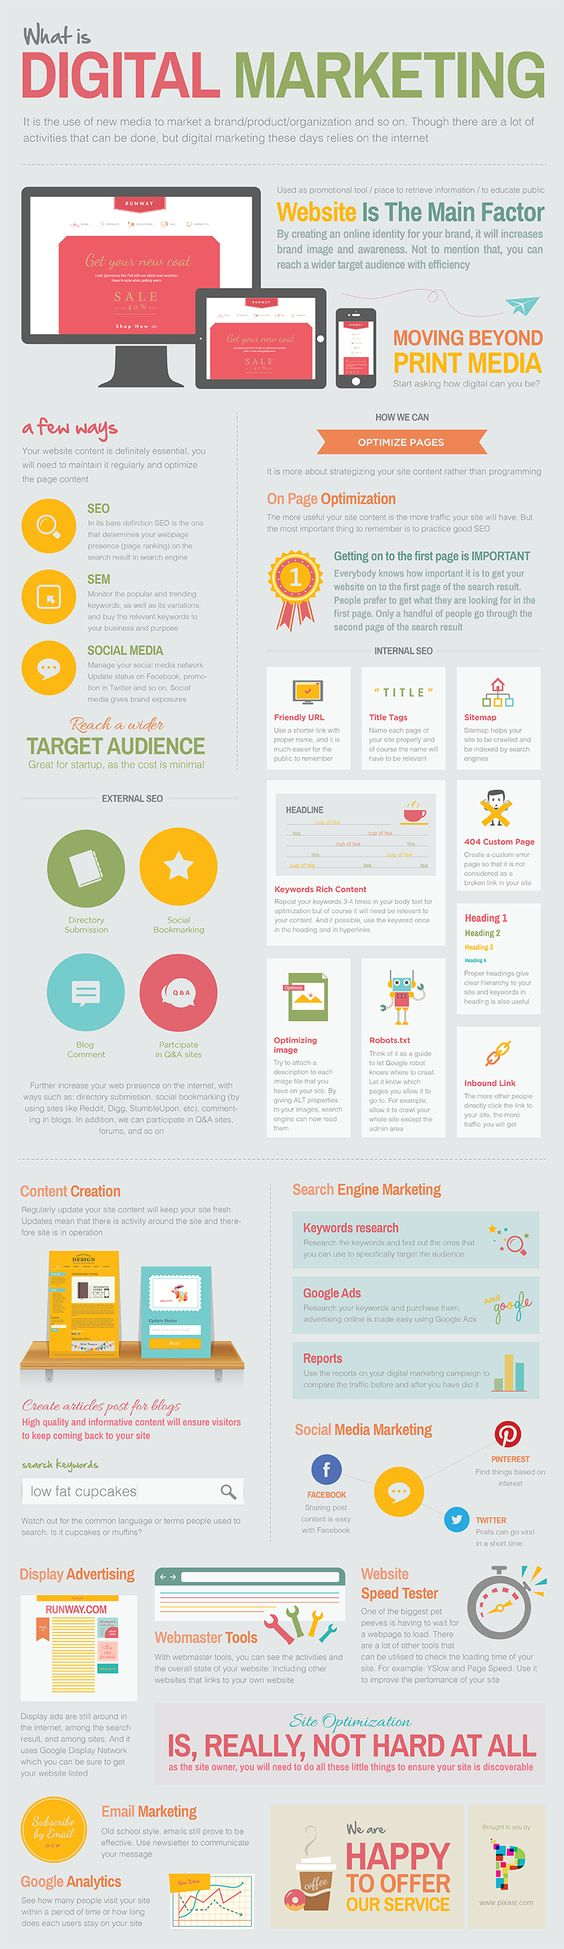 Online Marketing für Einsteiger [Infografik]  http://www.absatzwirtschaft.de/digitalmarketing-mehr-als-social-media-und-banner-werbung-60581/